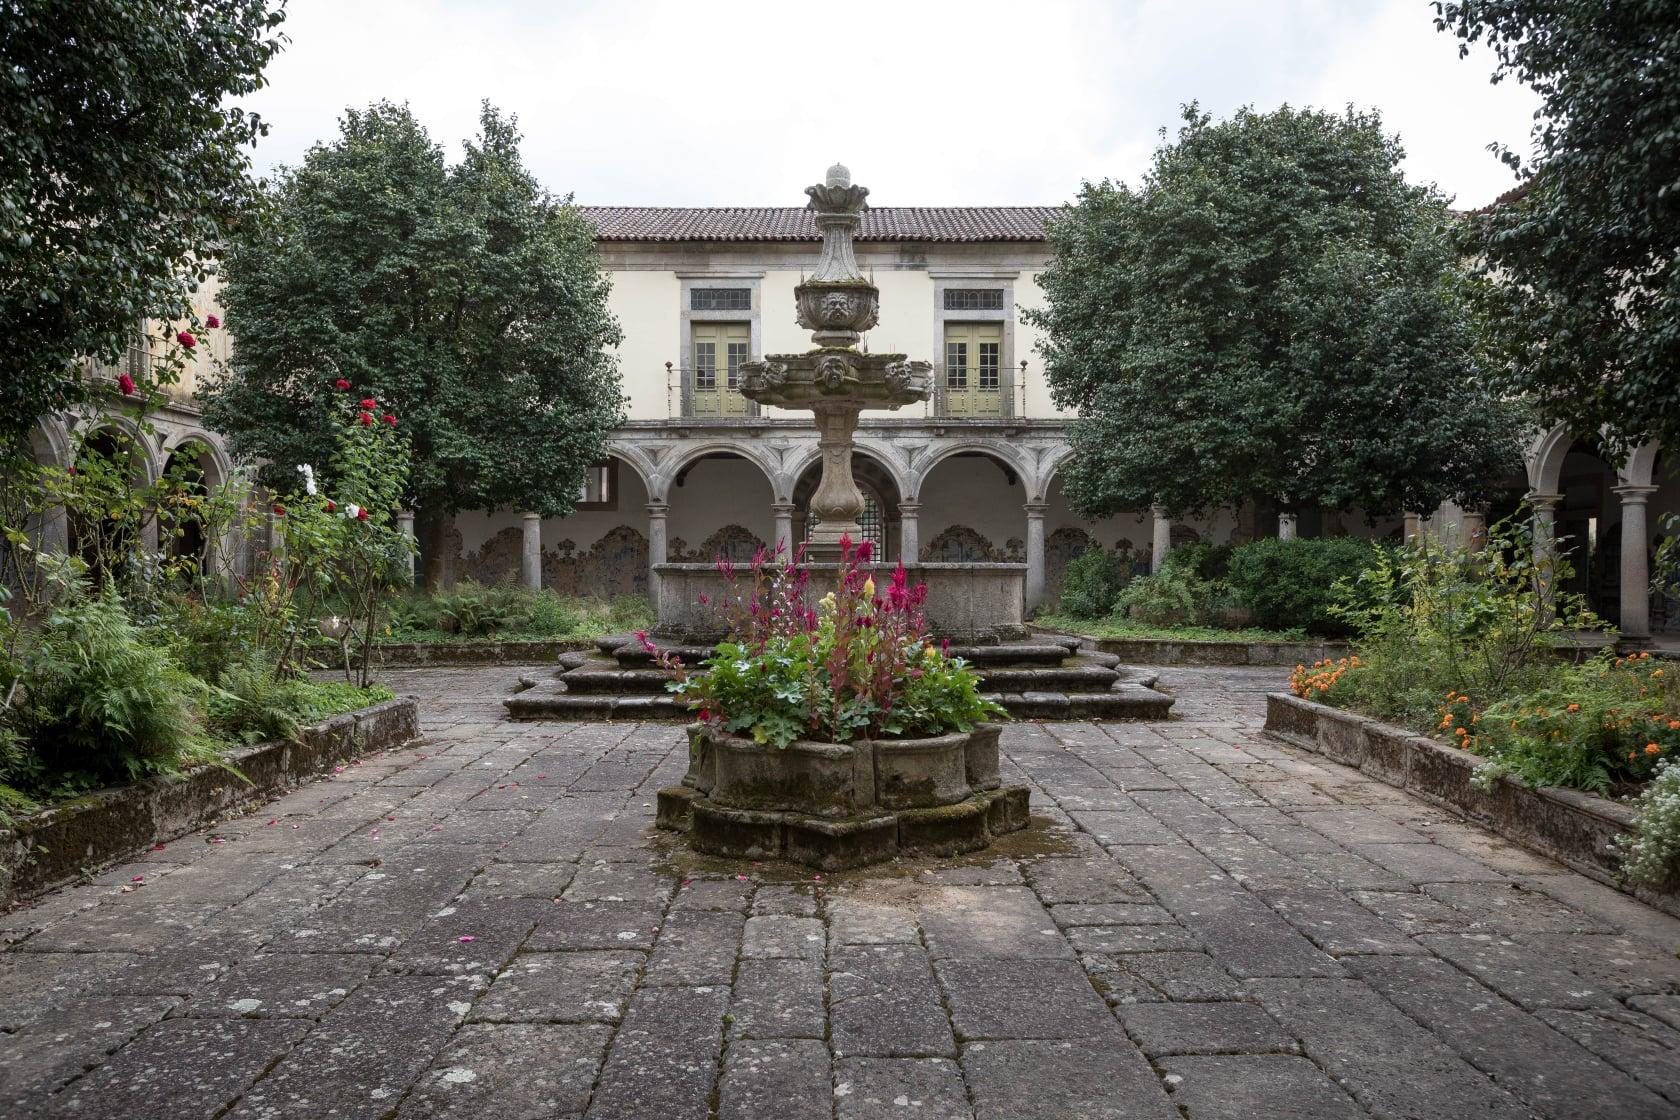 Mosteiro de Tibães recebe 3ª edição do Têpluquê - Festival da Palavra de Braga no próximo fim-de-semana